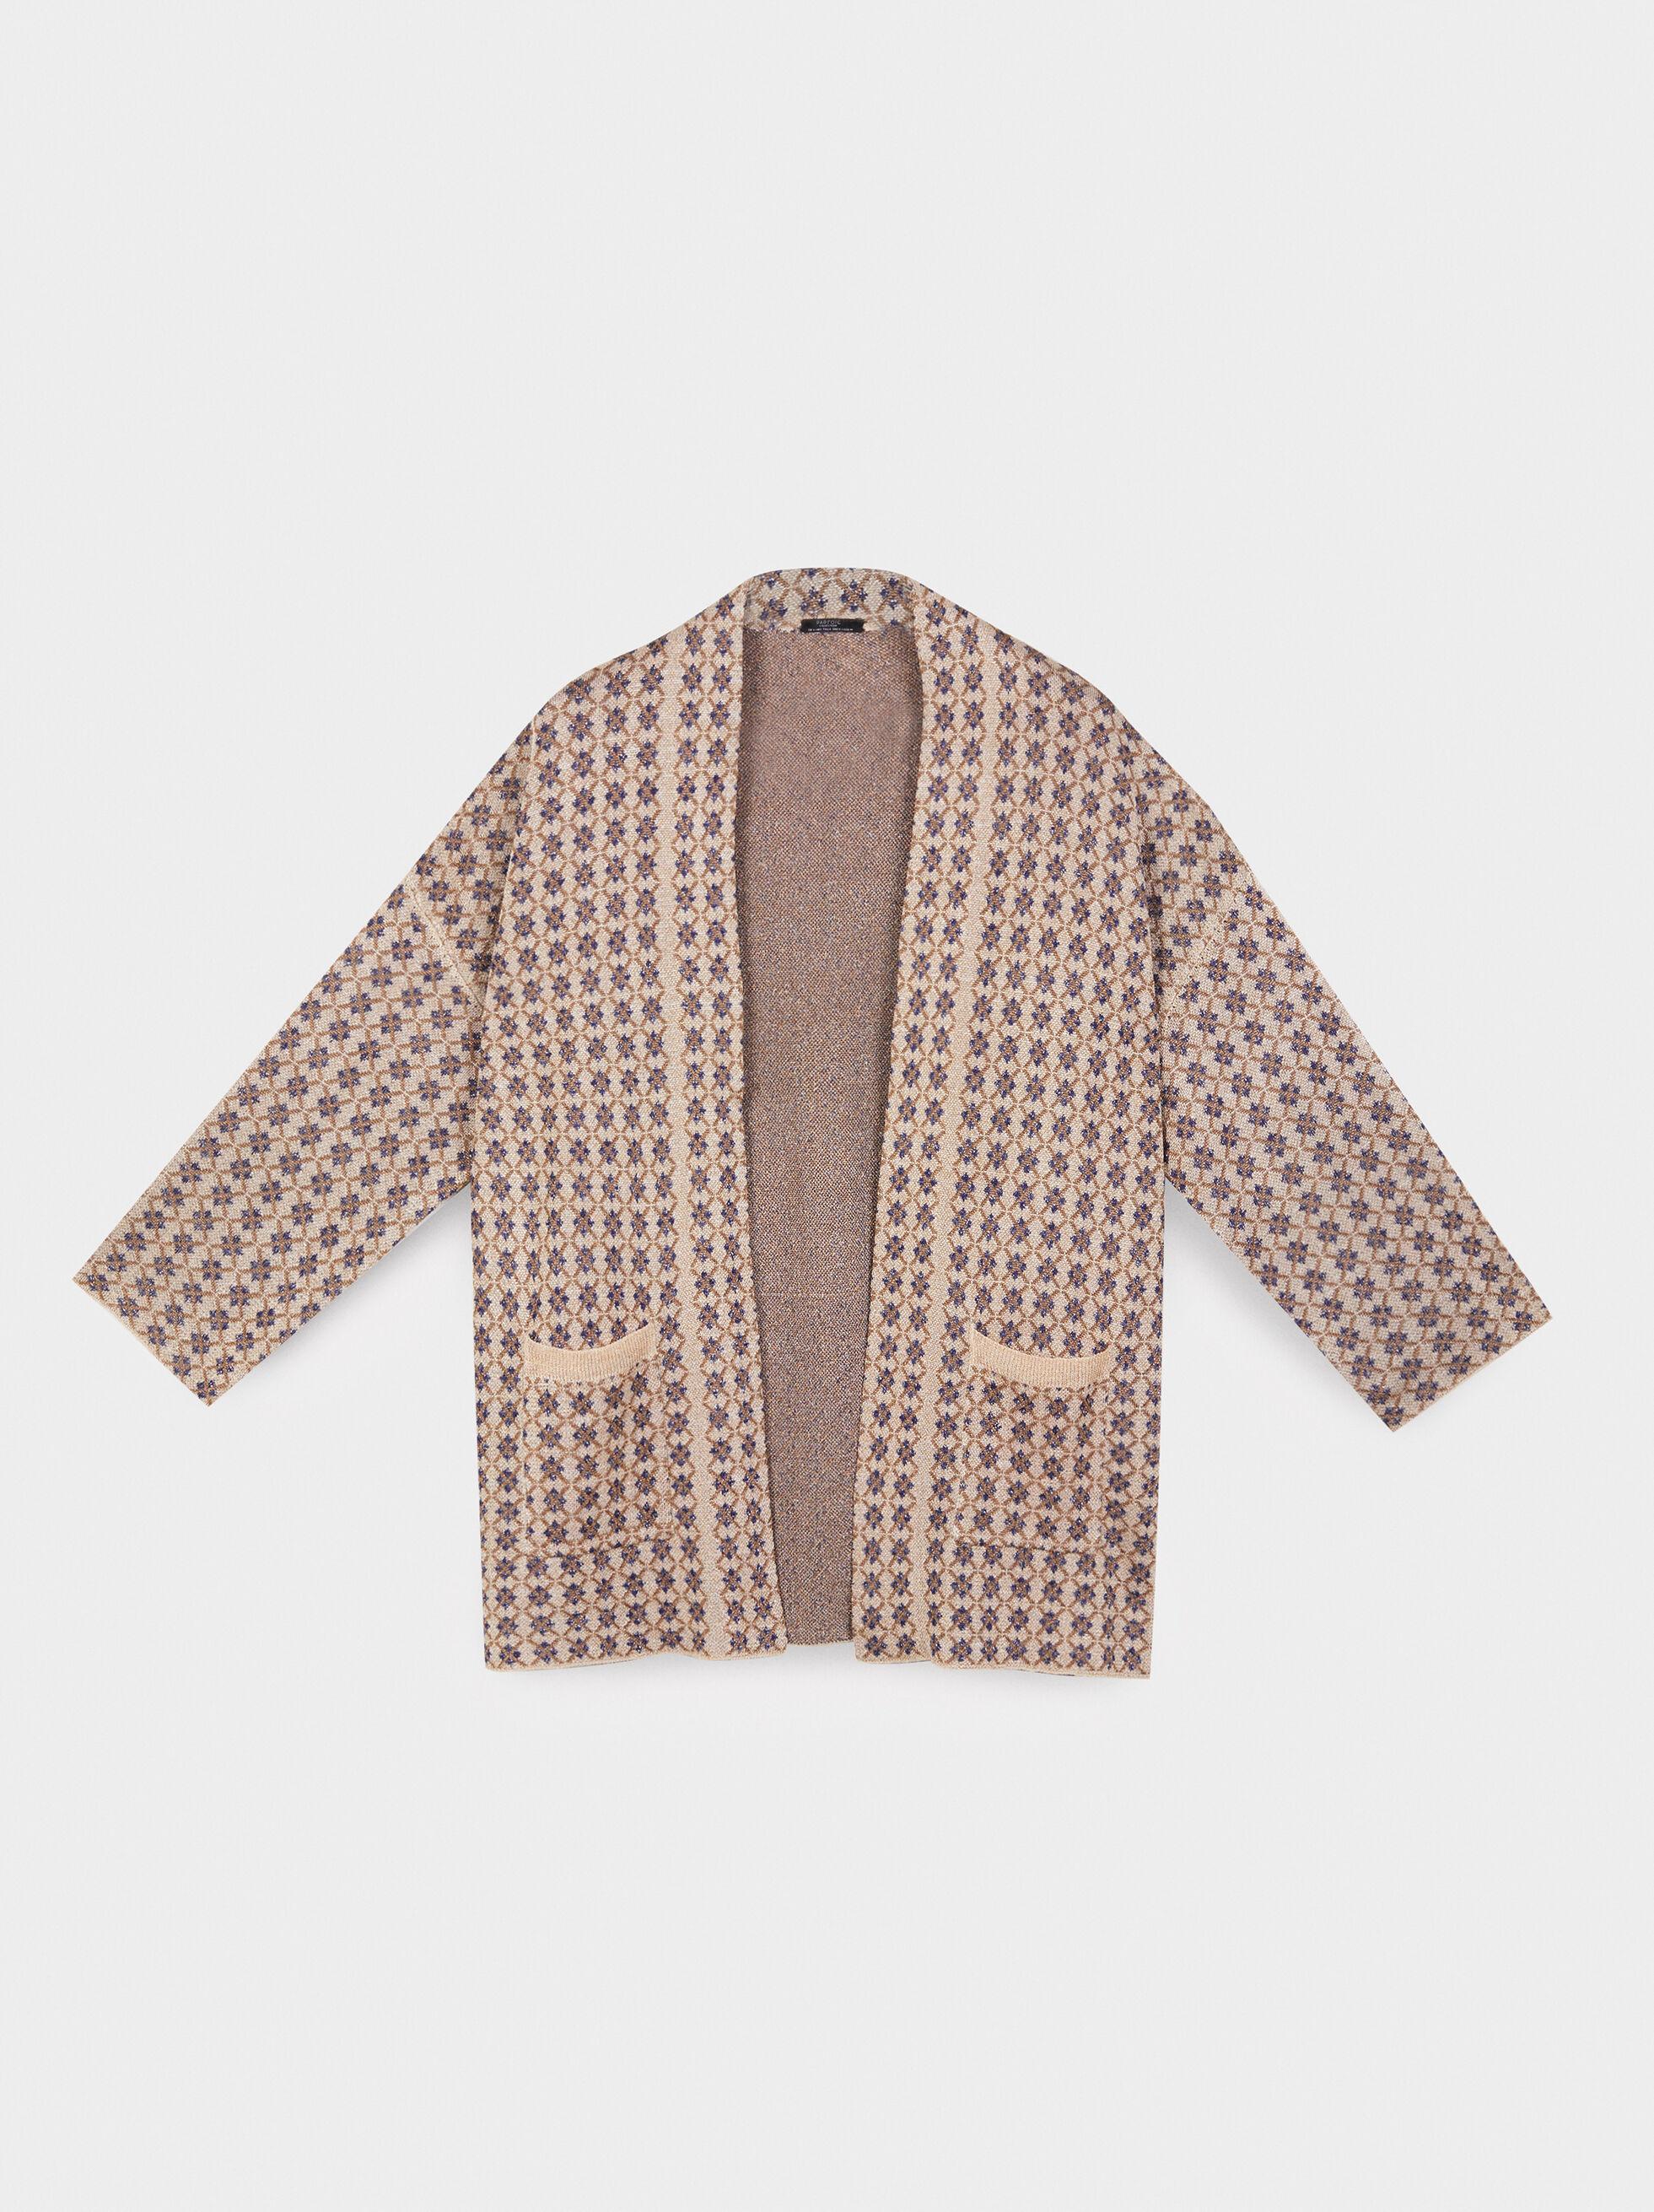 Printed Kimono, Golden, hi-res